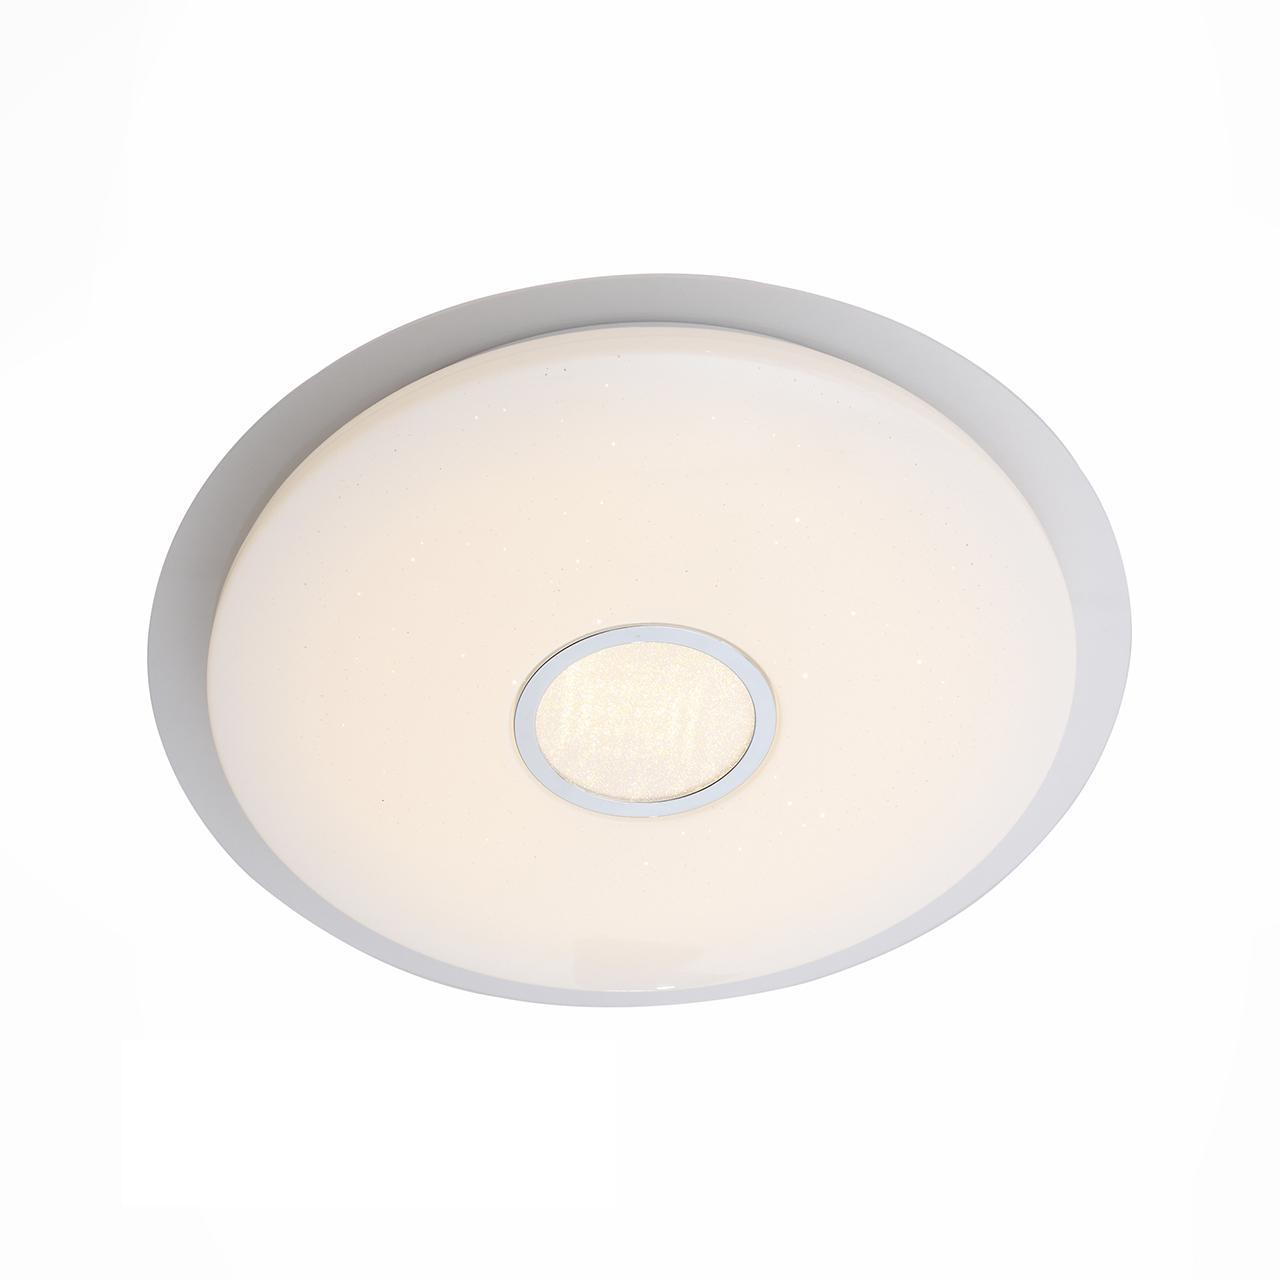 Настенно-потолочный светодиодный светильник ST Luce Funzionale SLE350.112.01 цена